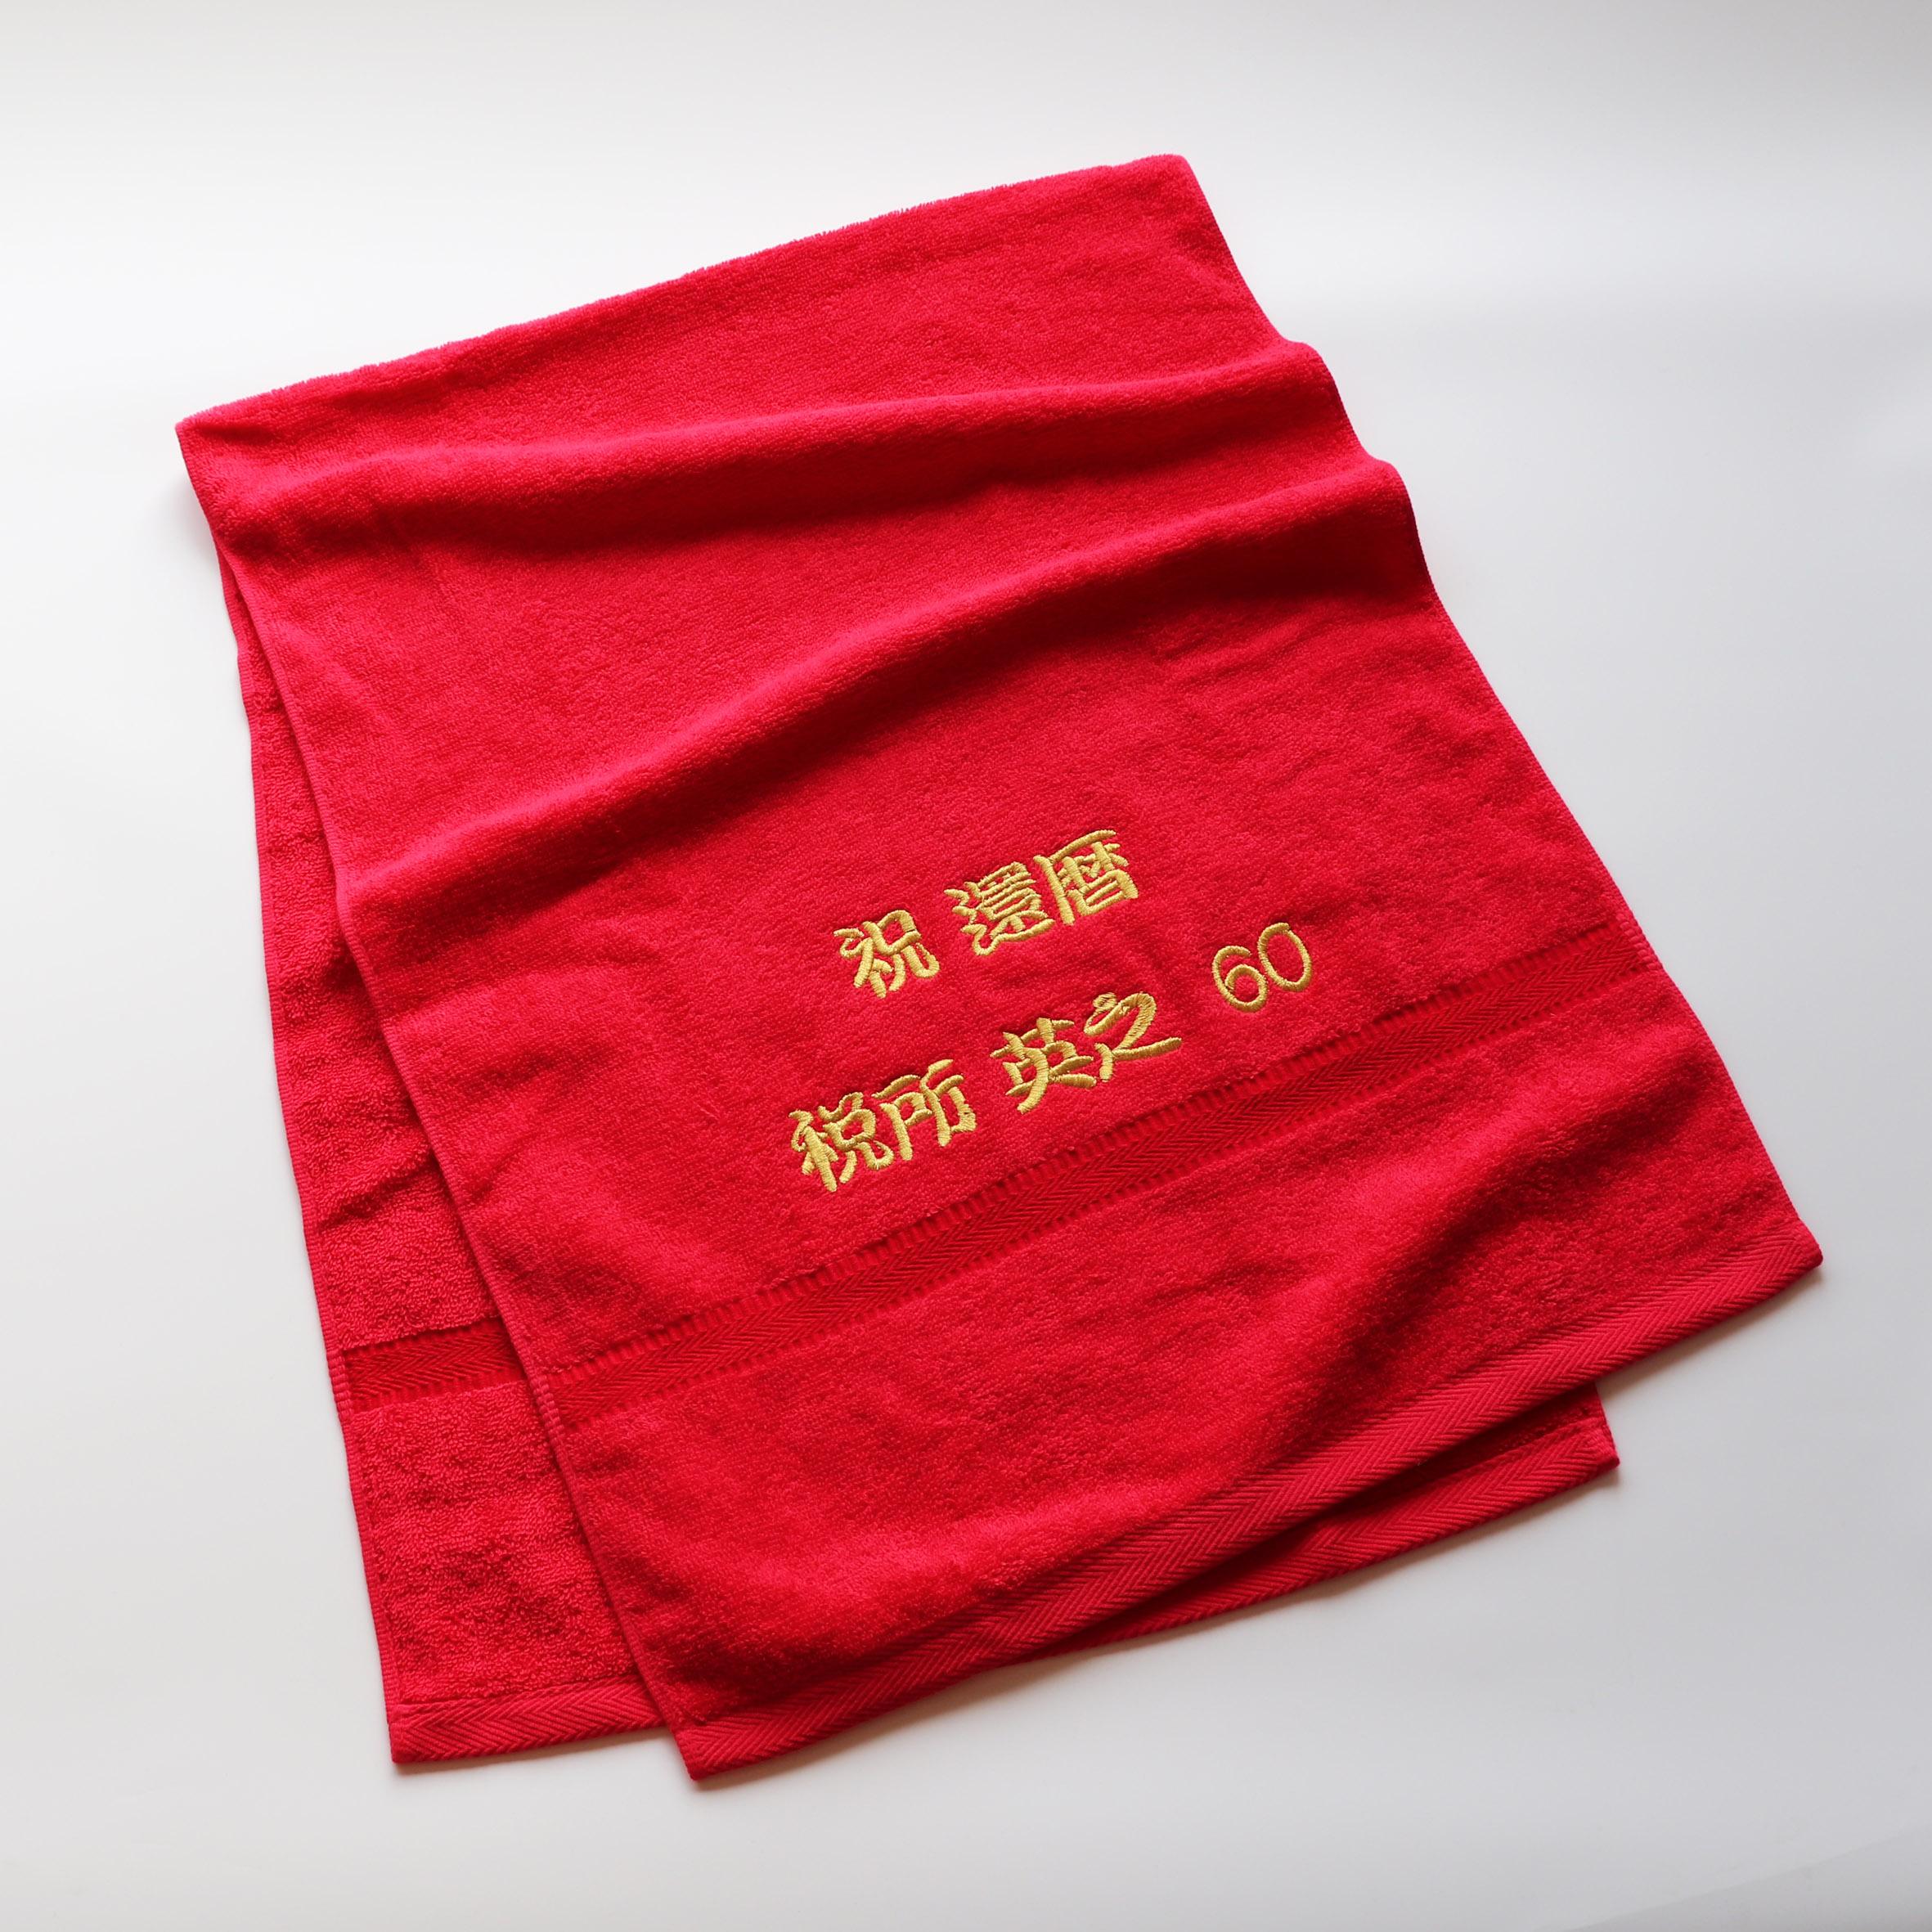 【15293】<br>フォント刺繍/A位置<br>ハイオーミーカラー<br>スポーツタオル<br>レッド